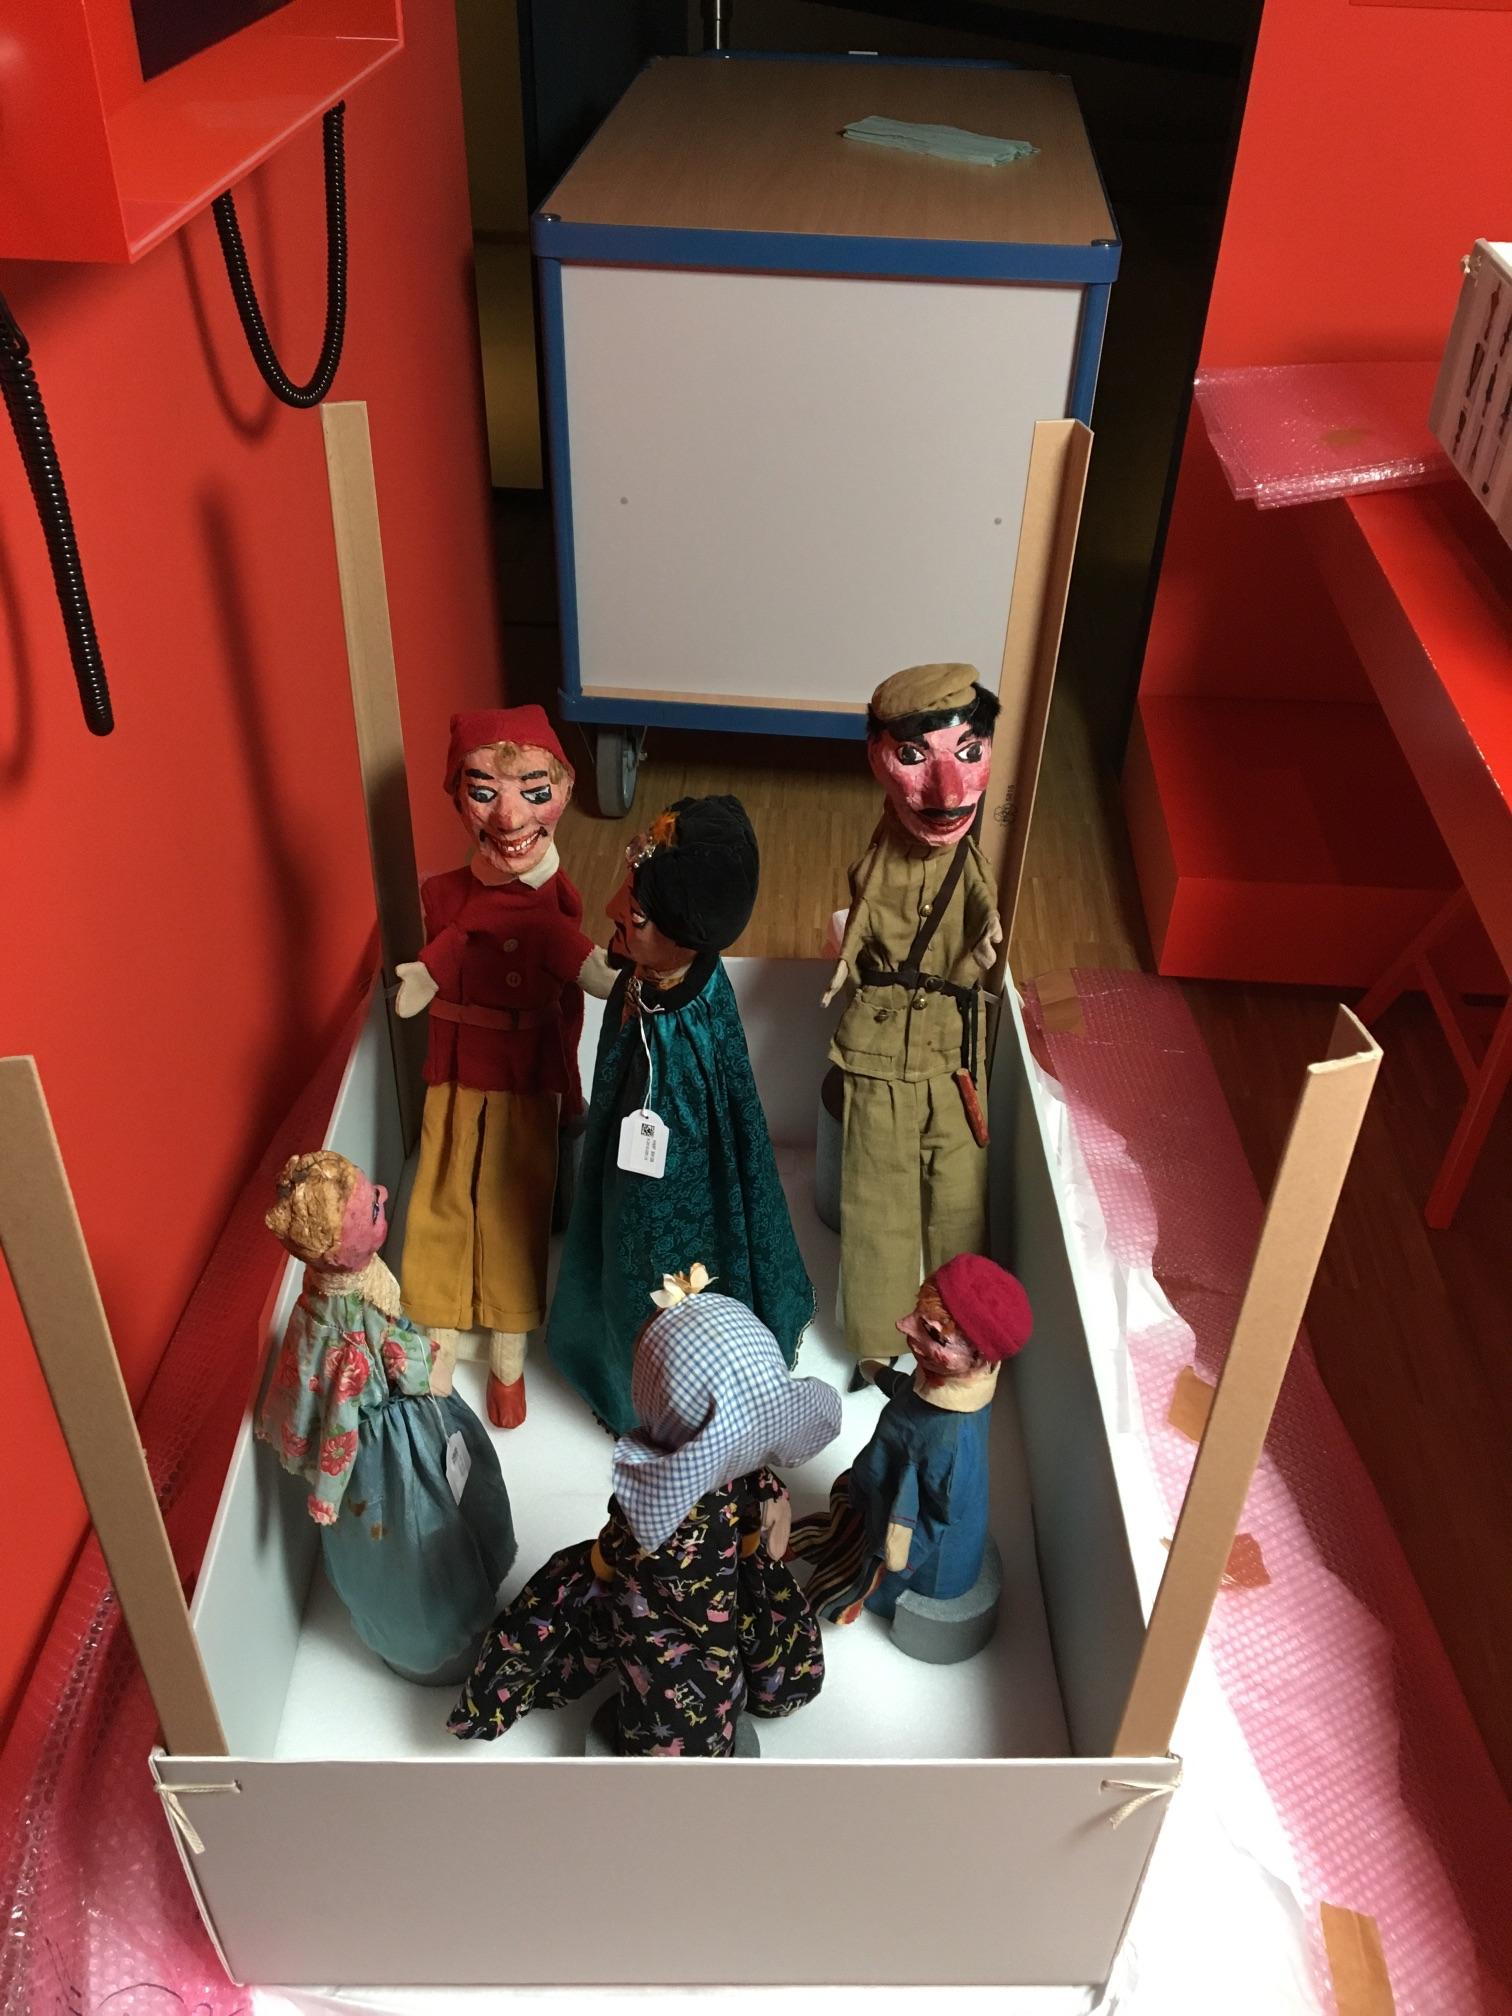 Blick auf Puppen in einem Karton